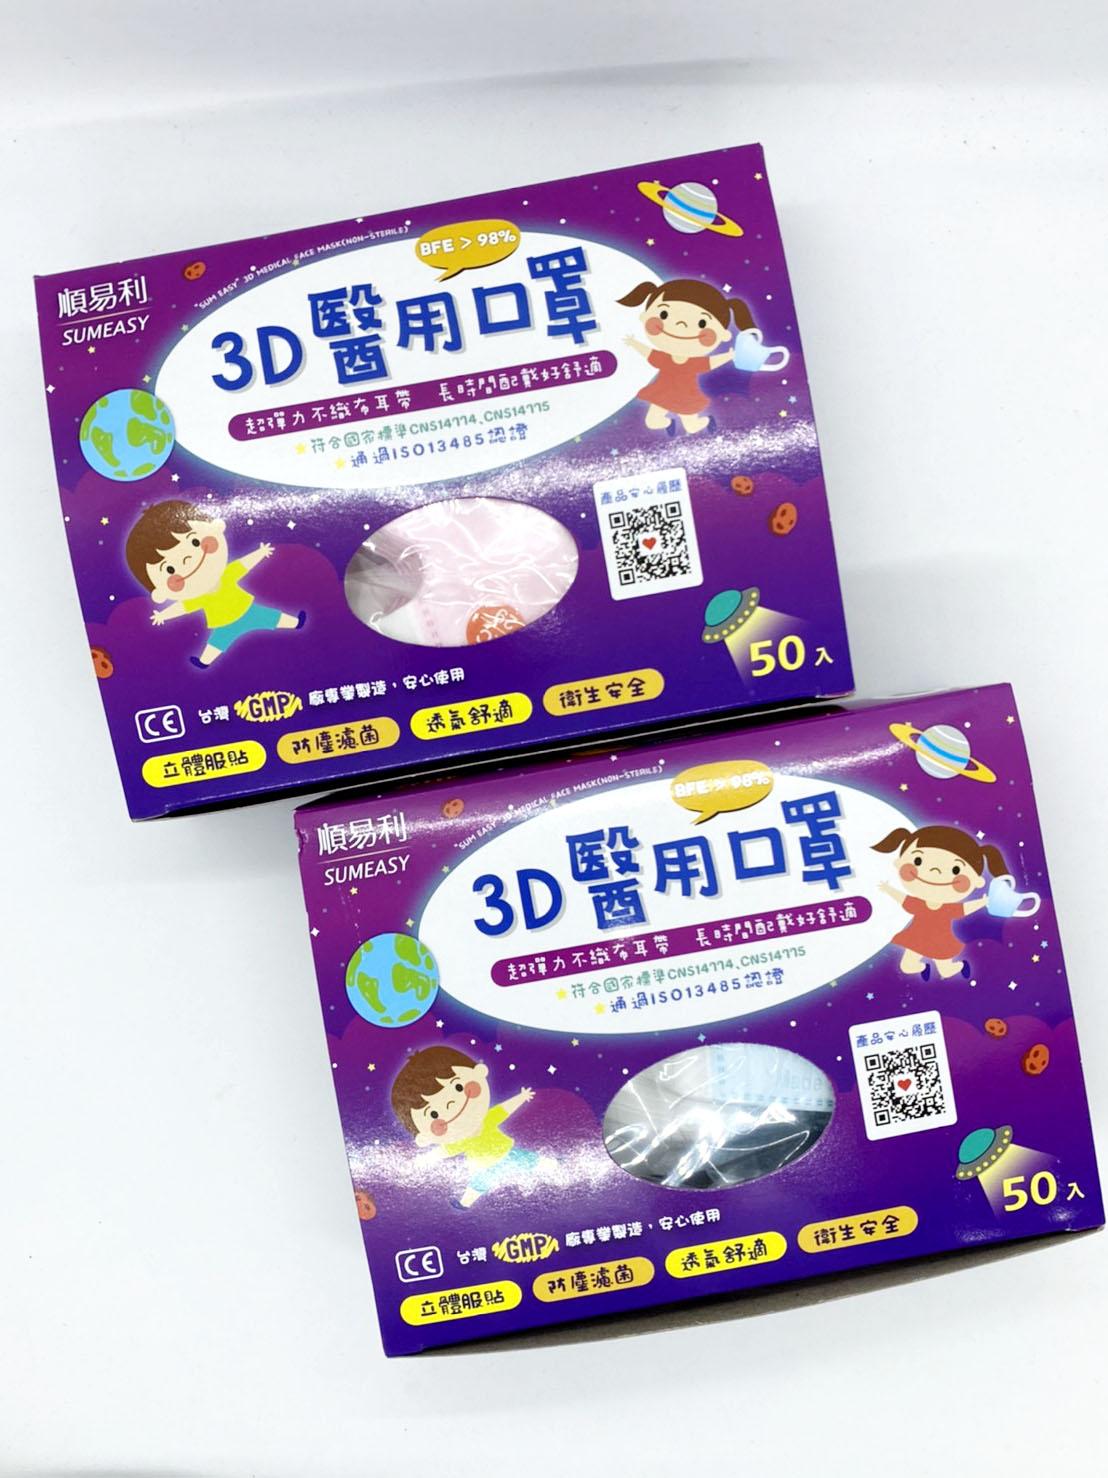 【順易利】幼幼3次元口罩 立體醫療用口罩50片/盒 ✨043399.400